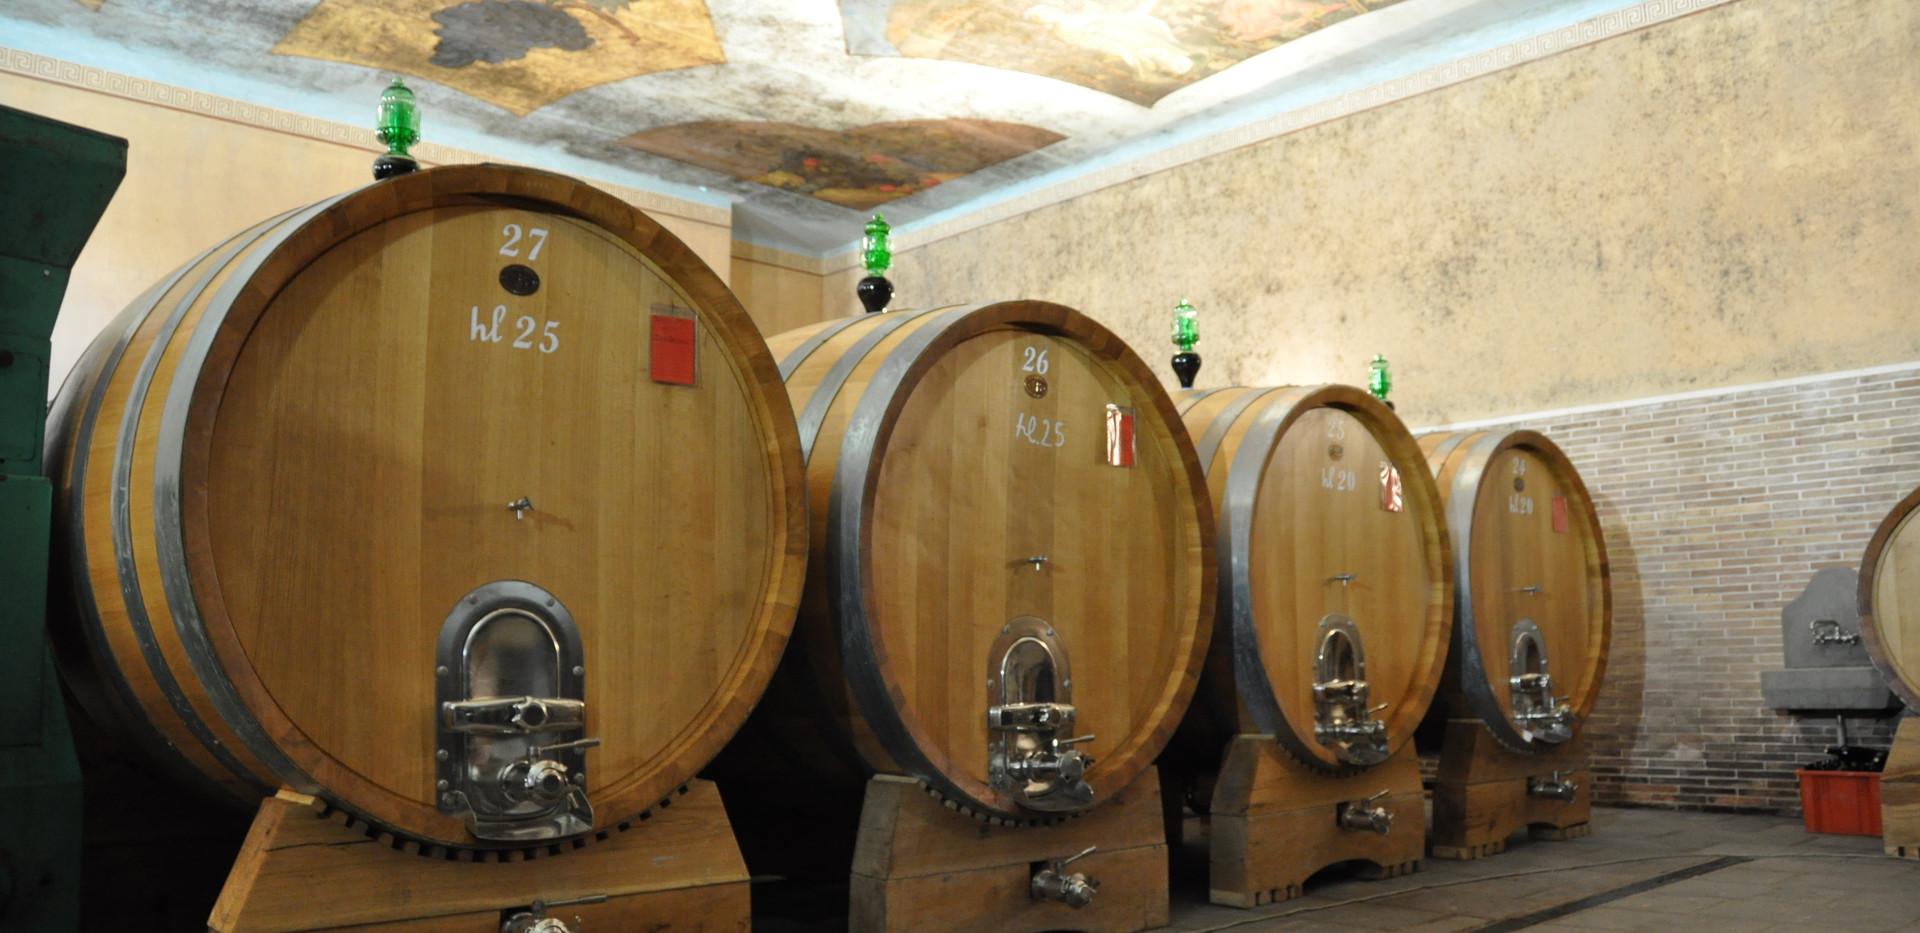 Full-day wine tasting Brunello di Montalcino